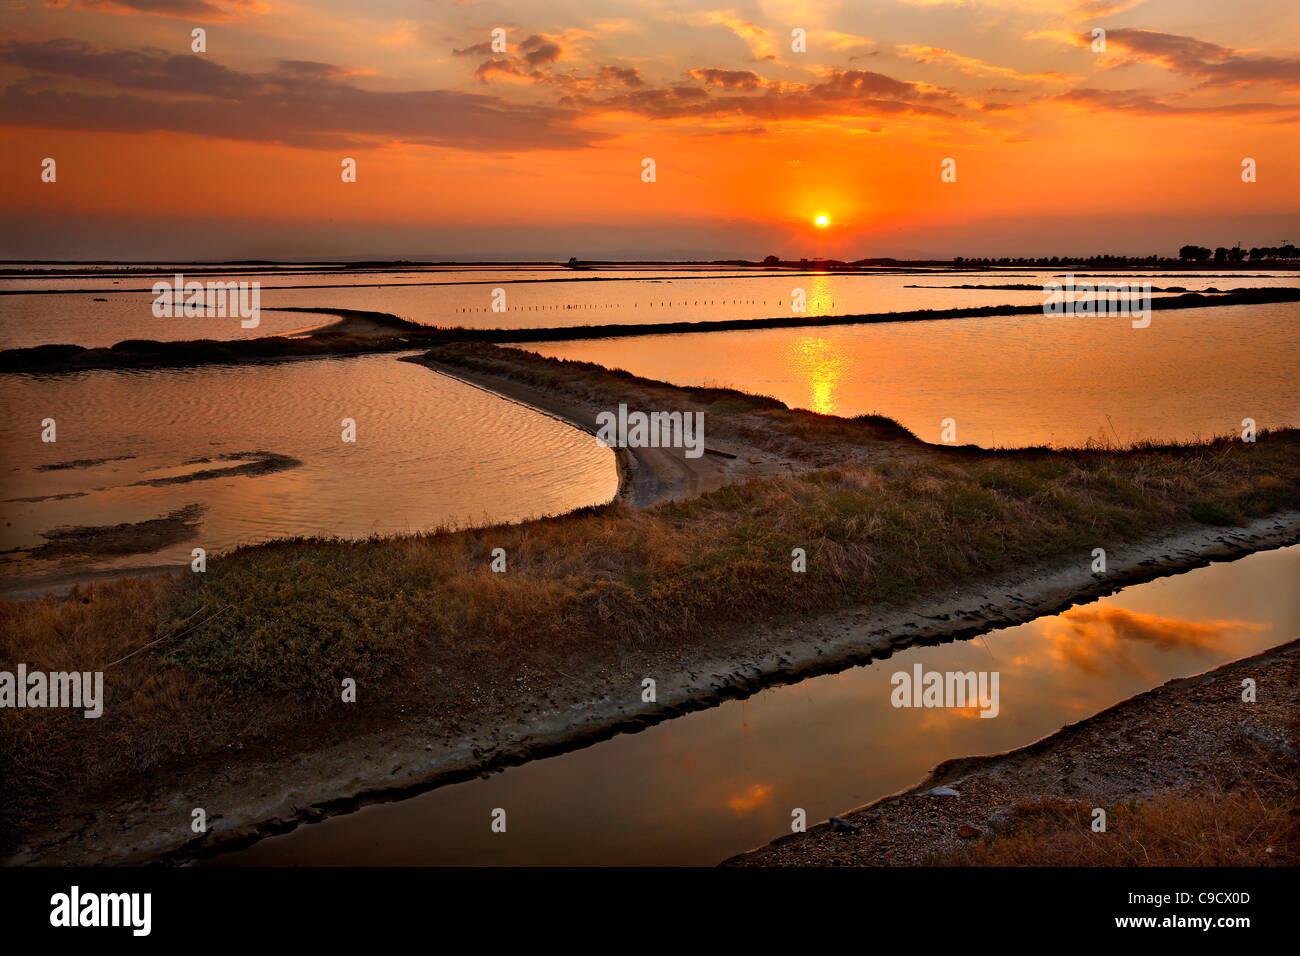 Tramonto foto presso la laguna di Angelochori, una zona umida di circa 30 km da Salonicco, Macedonia, Grecia Immagini Stock